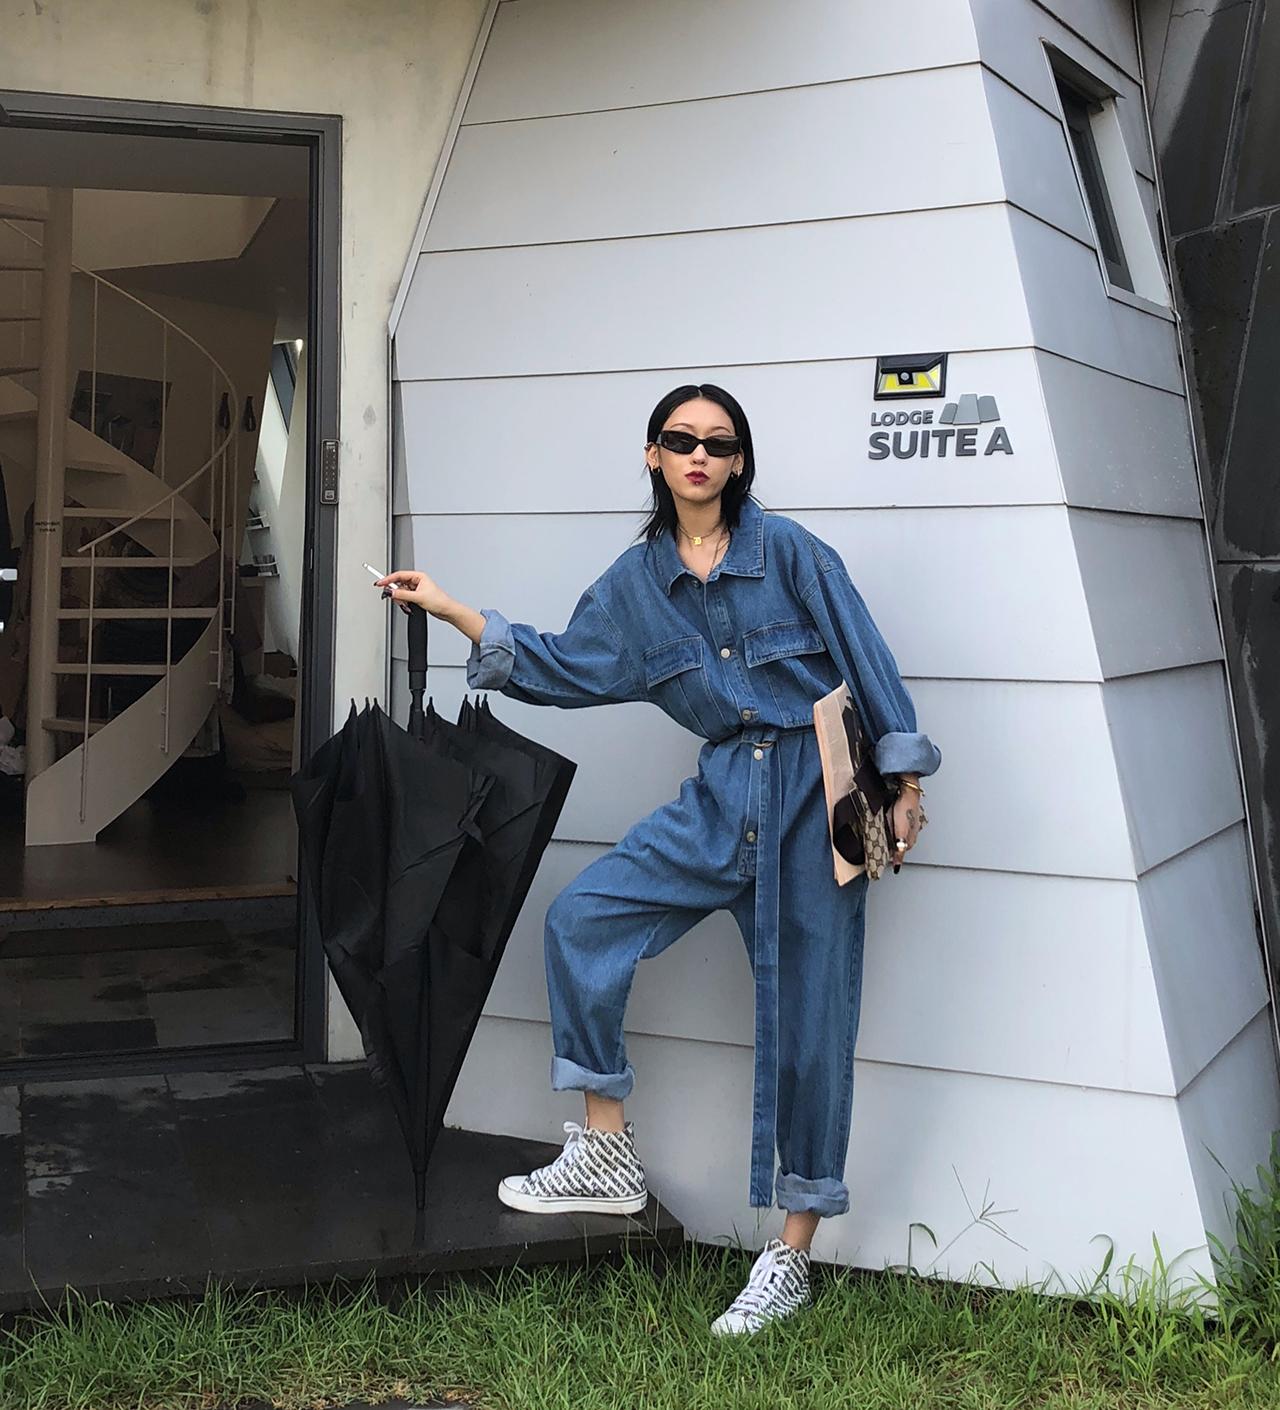 Ace 牛仔连体裤女宽松2020春秋新款直筒系带工装连衣裤显瘦长裤